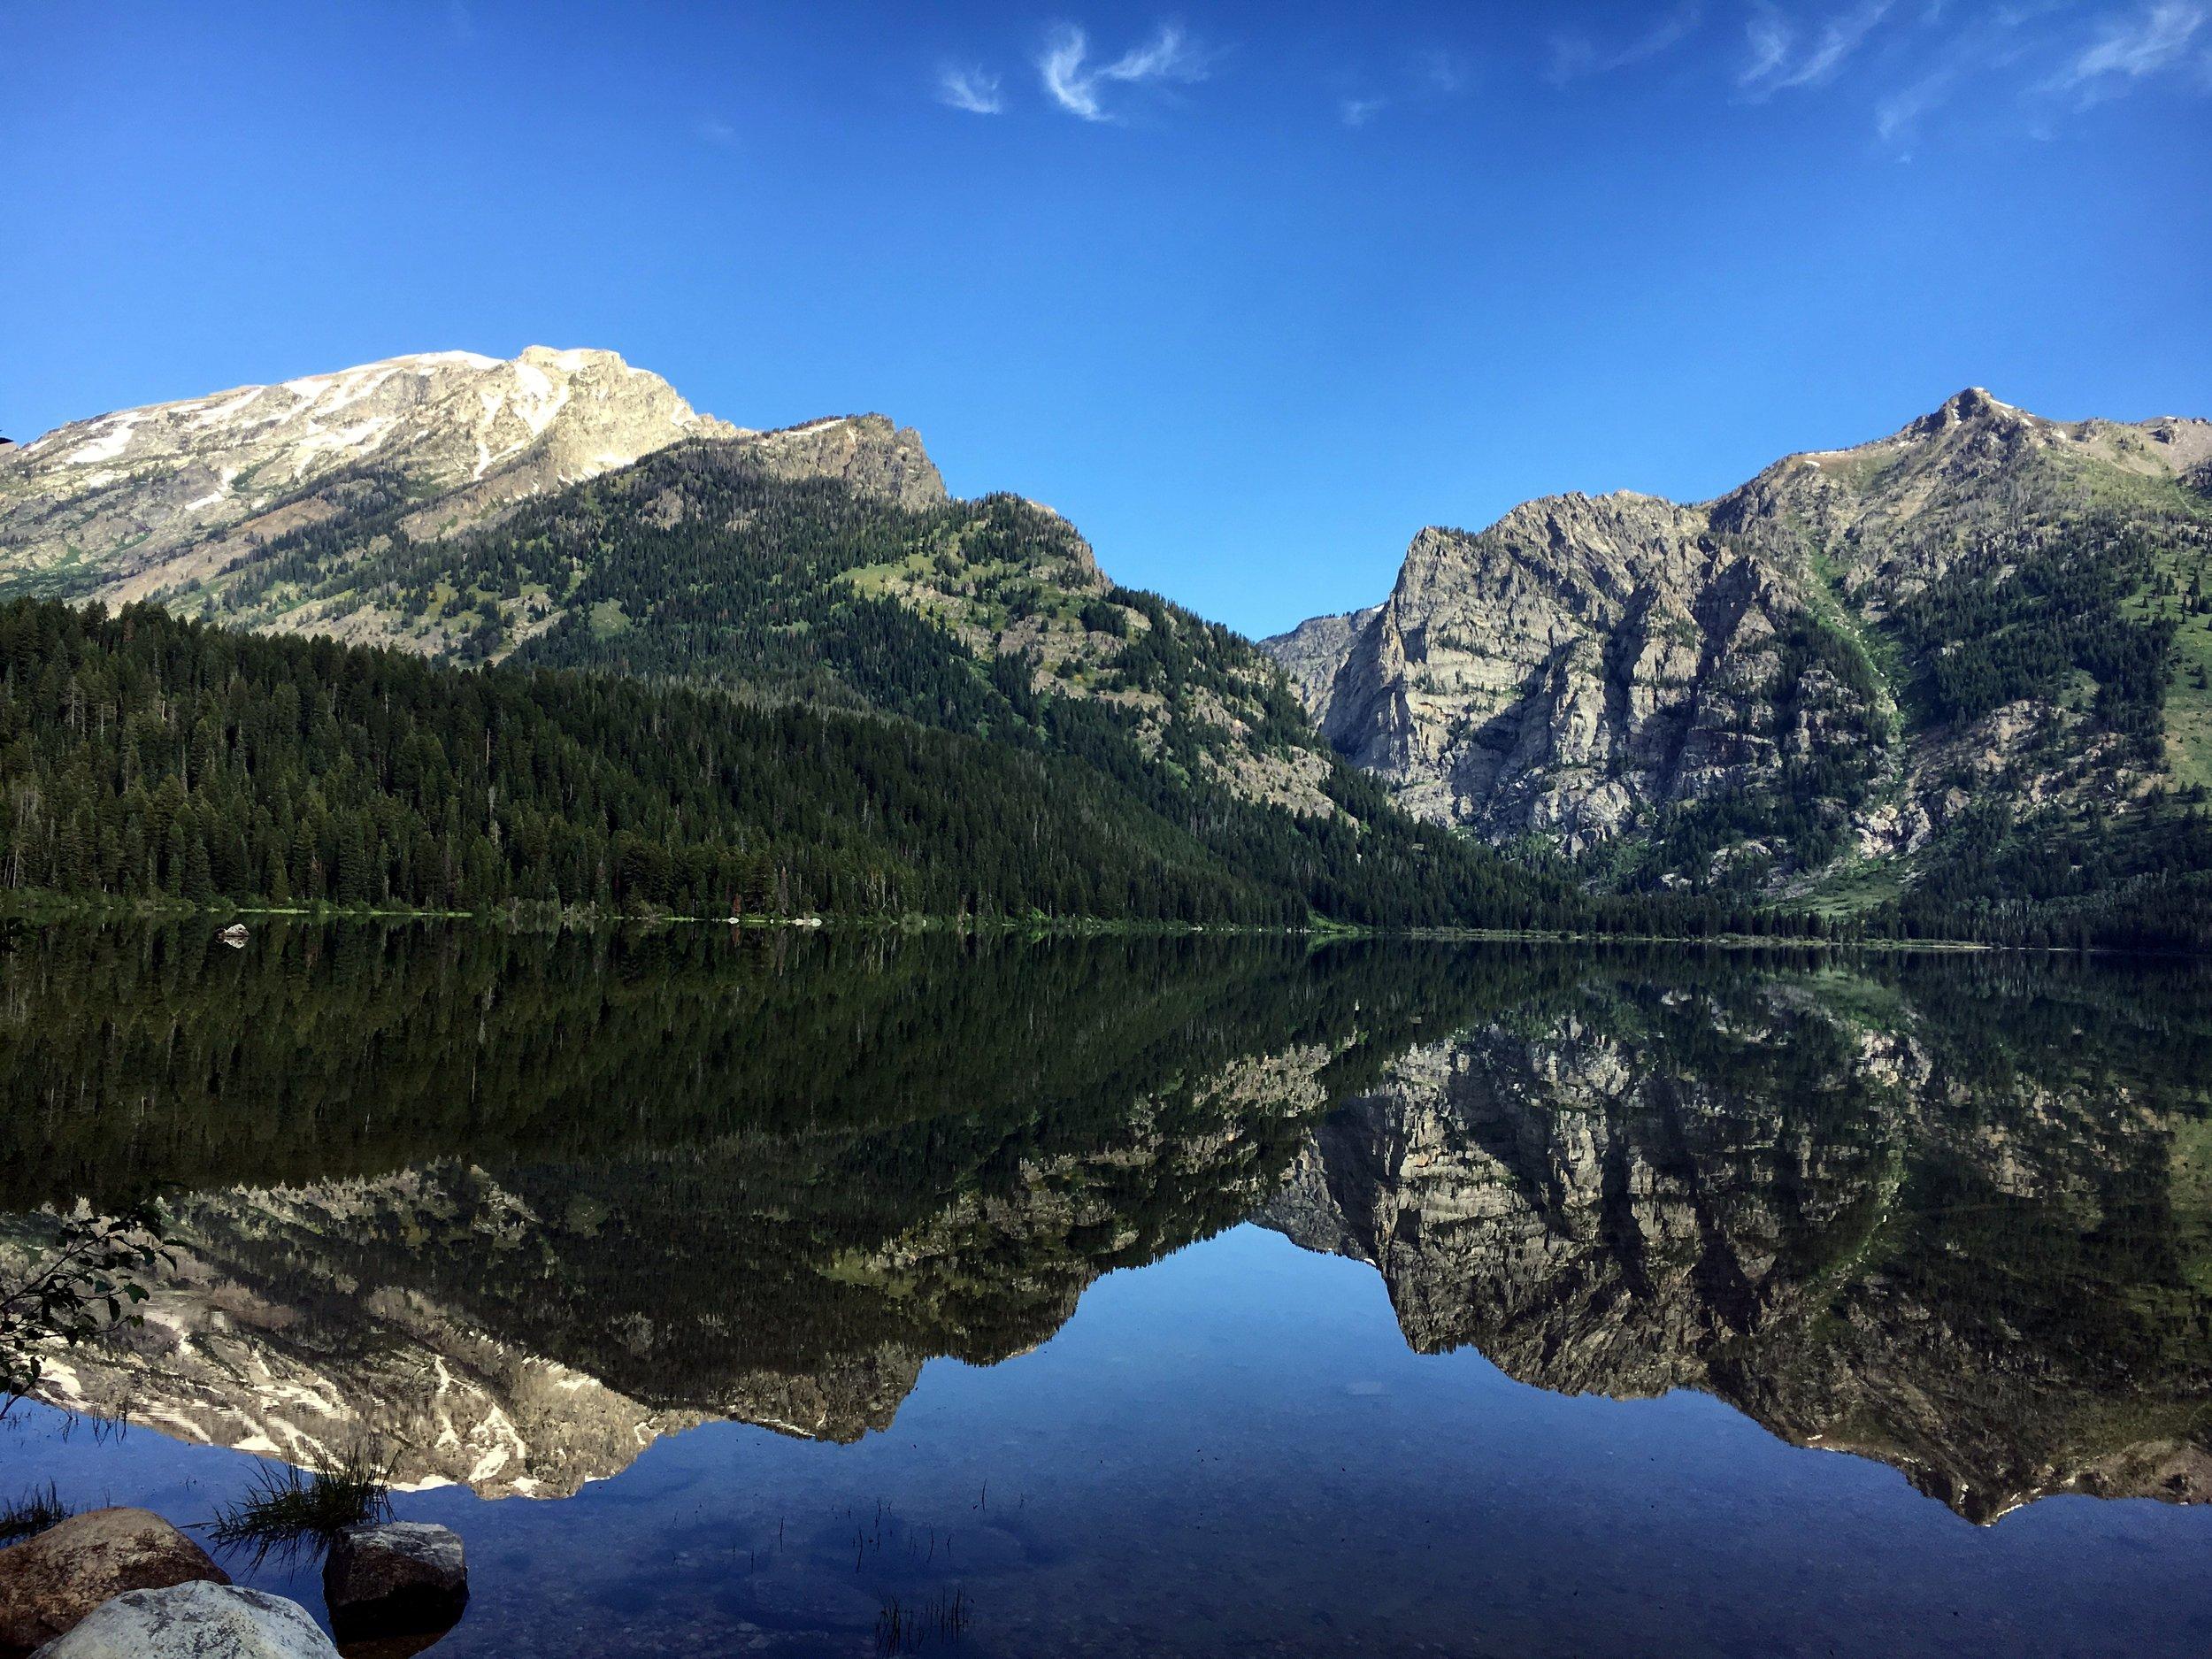 Morning photo of Phelps Lake